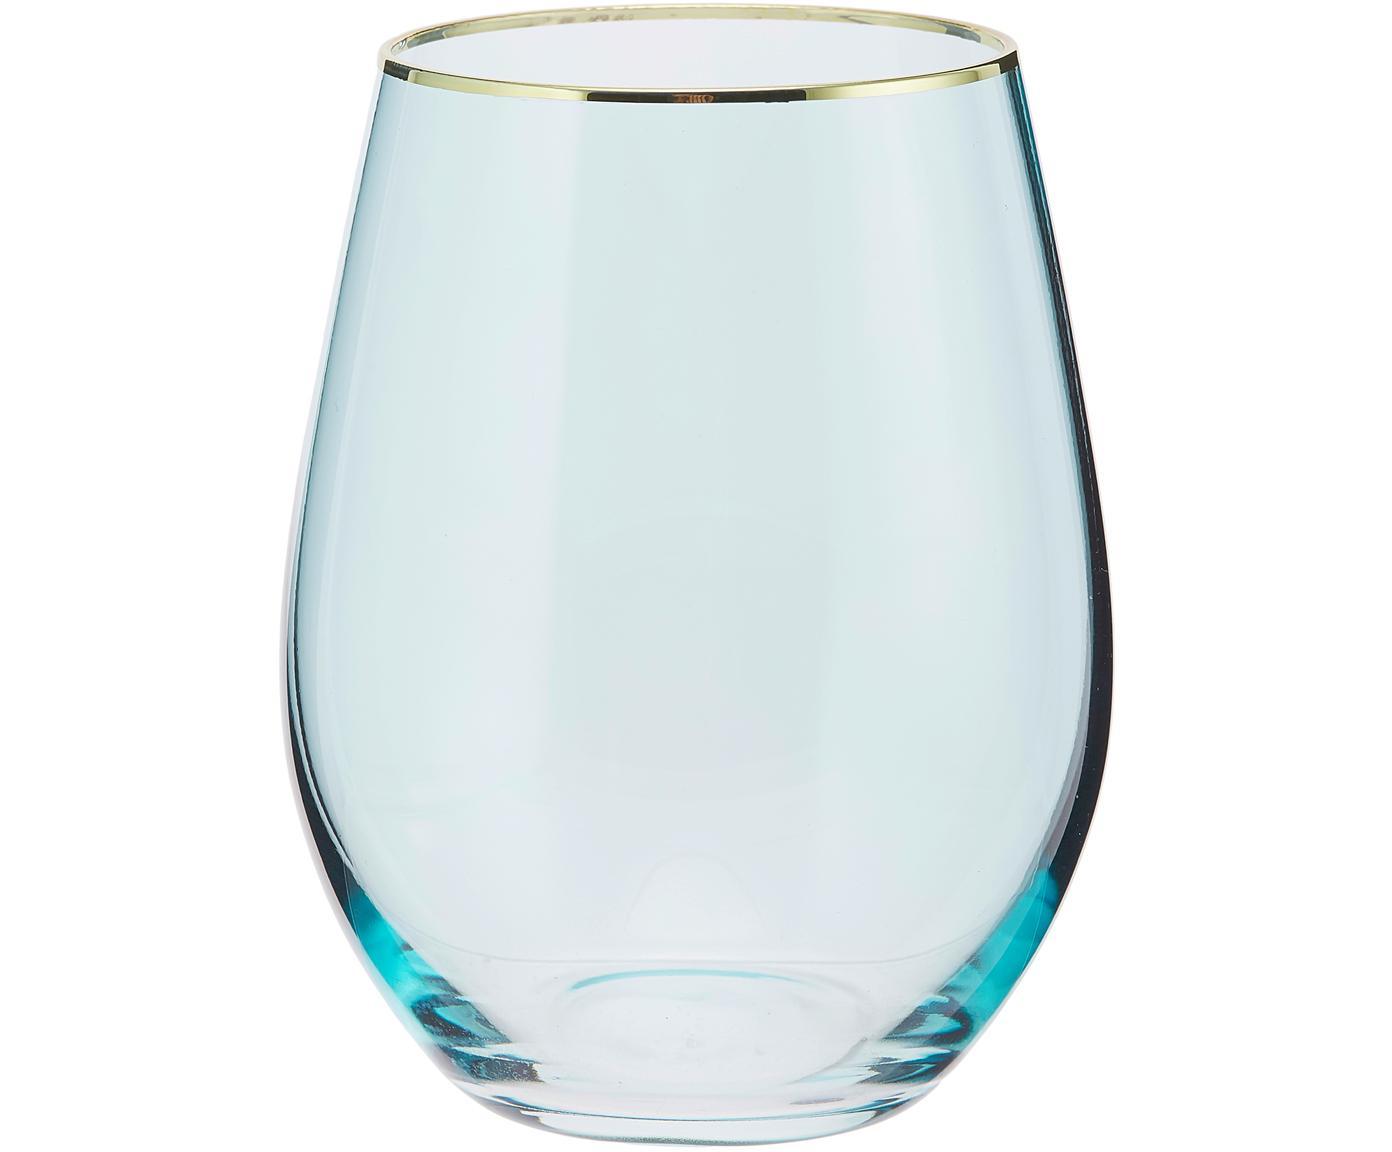 Waterglazen Chloe, 4 stuks, Glas, Lichtblauw, goudkleurig, Ø 10 x H 15 cm